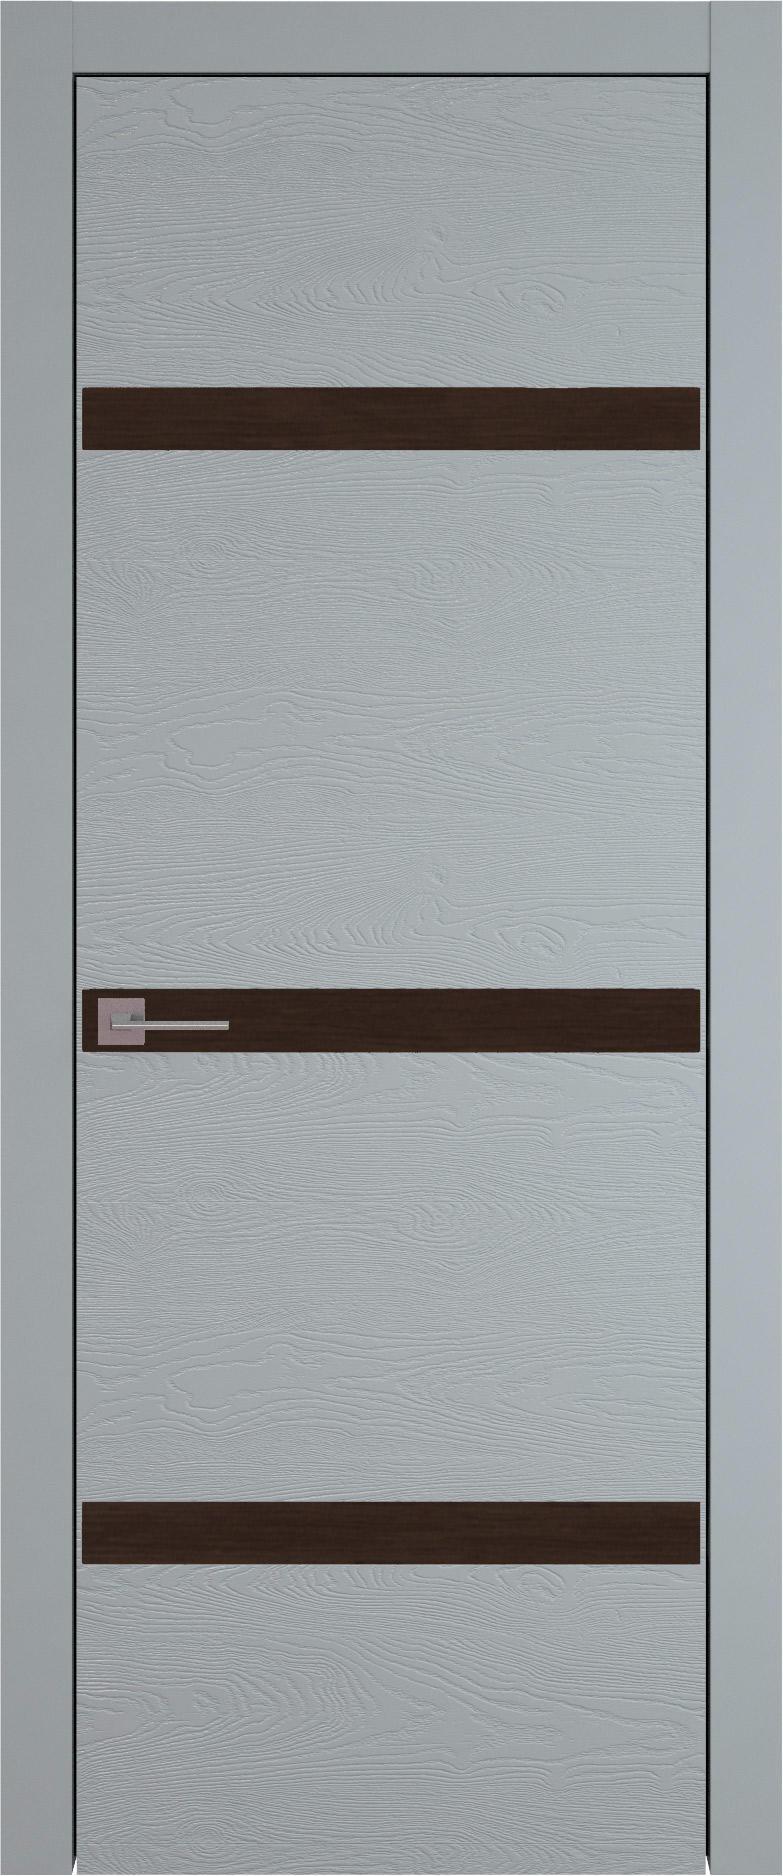 Tivoli Г-4 цвет - Серебристо-серая эмаль по шпону (RAL 7045) Без стекла (ДГ)